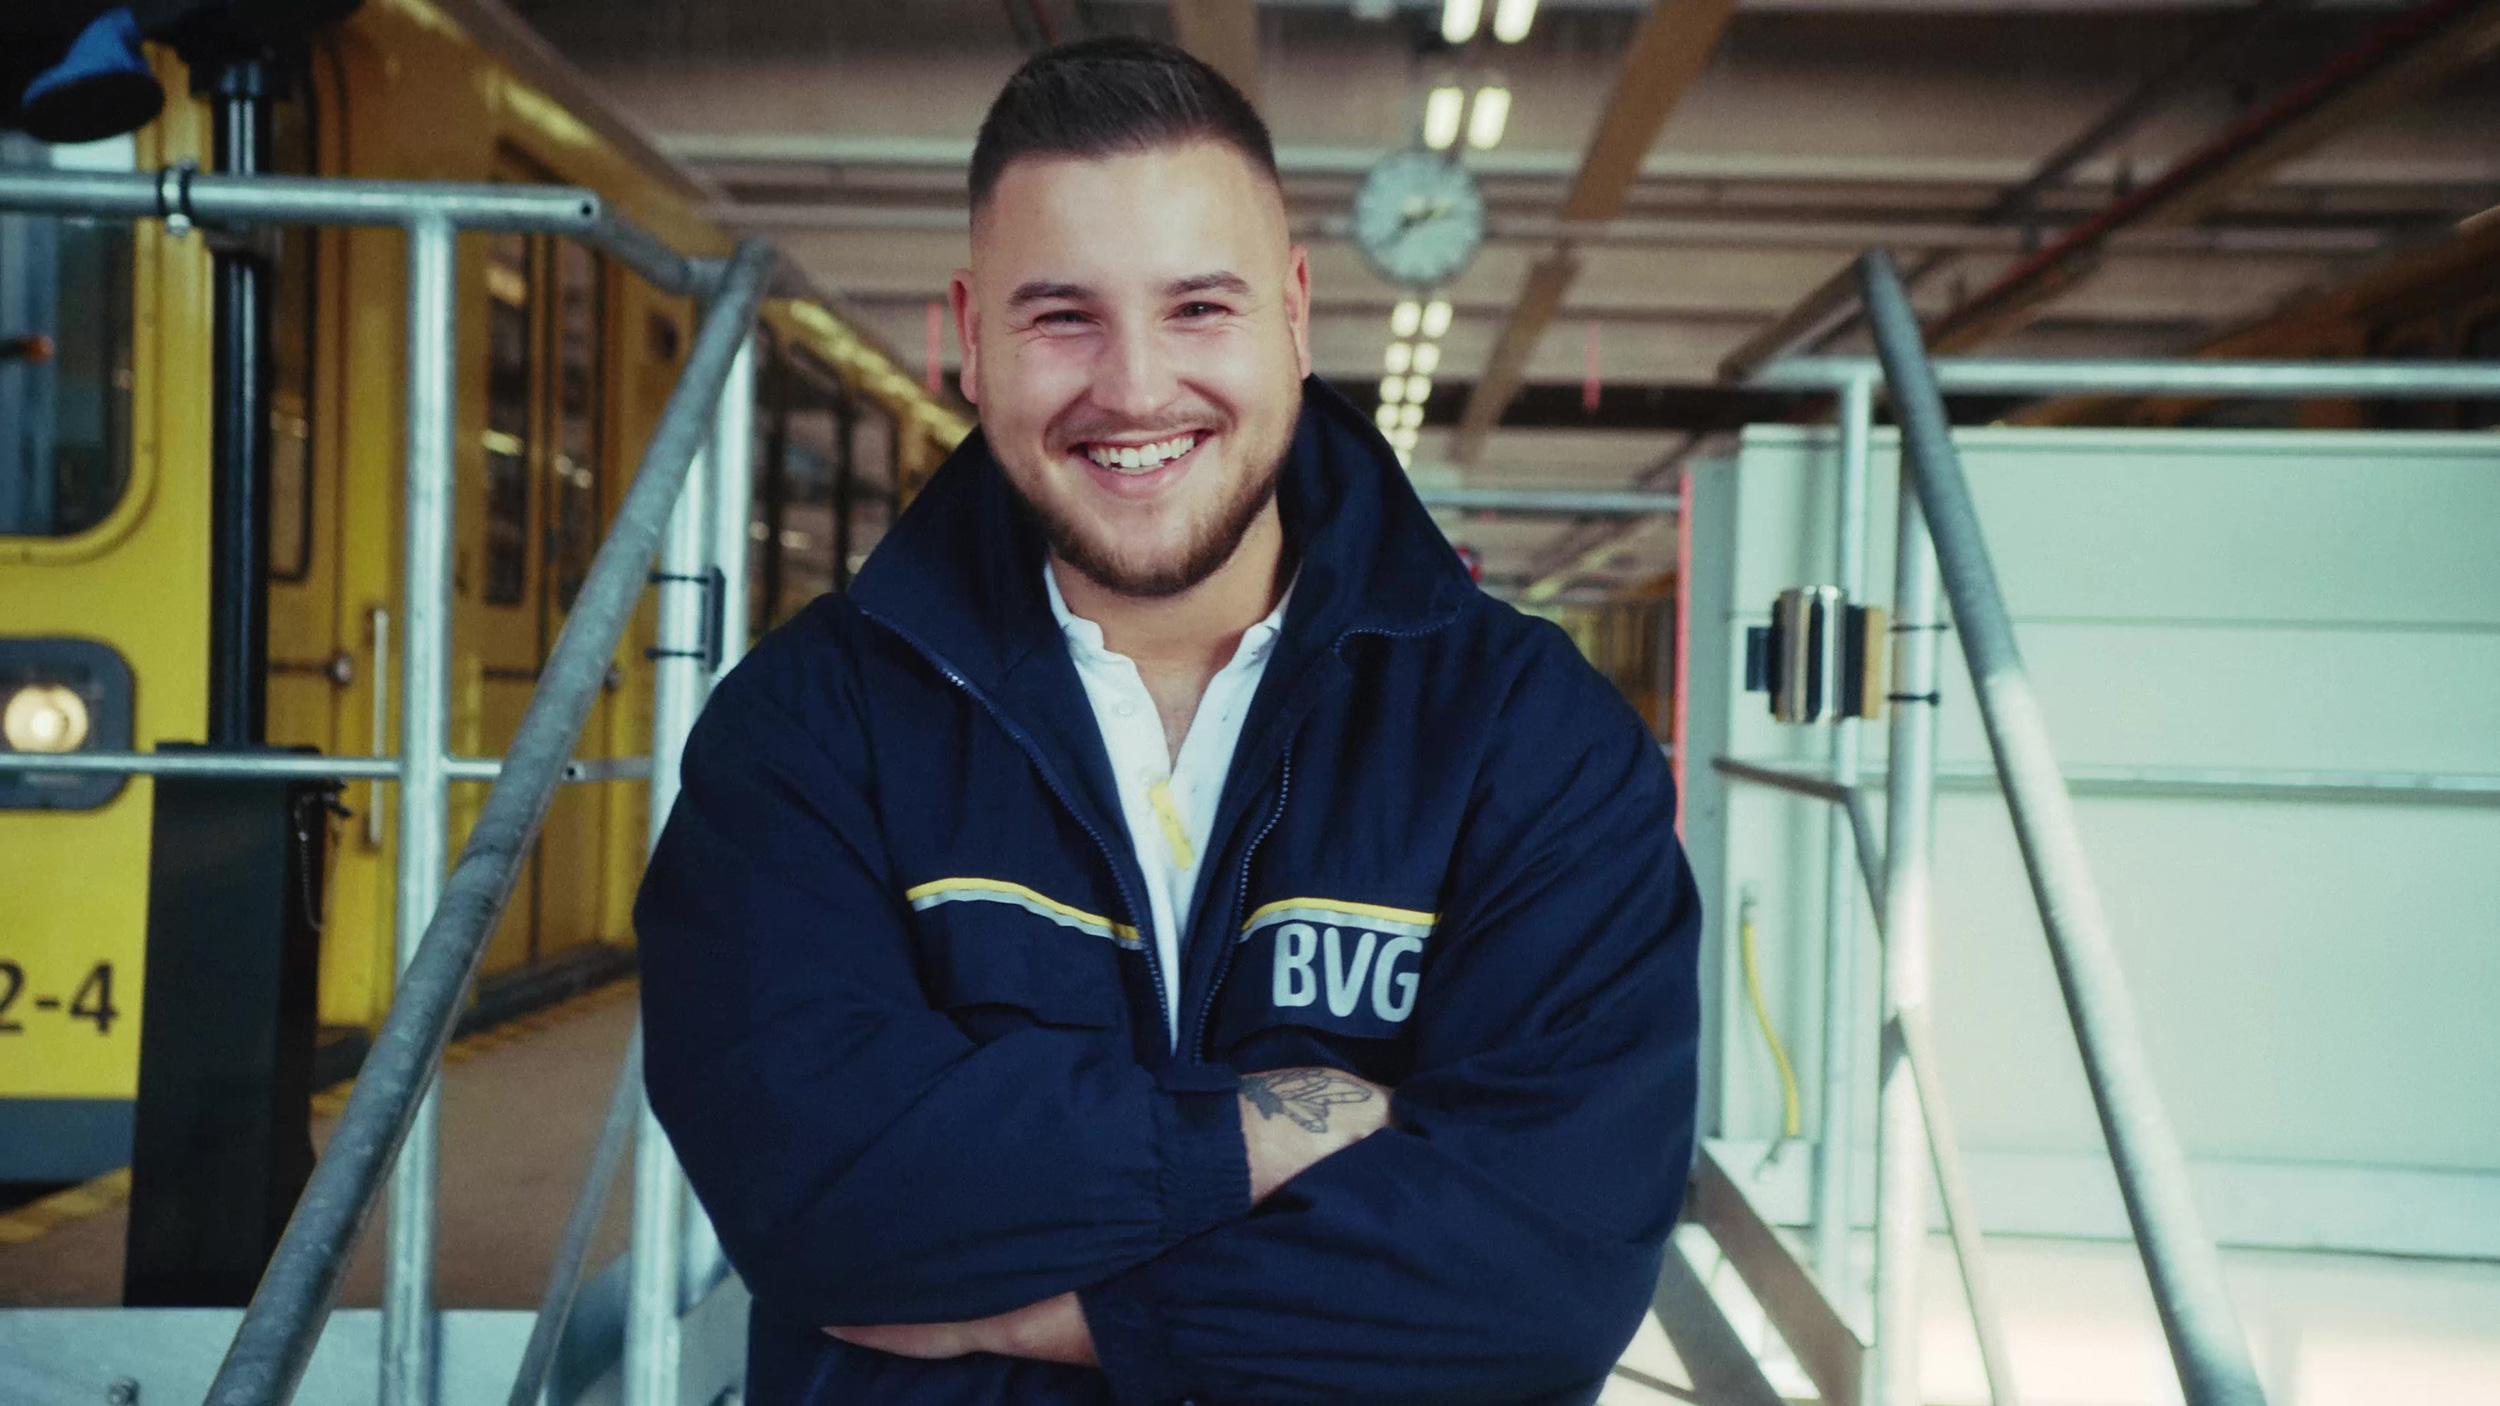 Ein junger BVG-Mitarbeiter steht in Arbeitskleidung lächelnd auf einer Treppe. Seitlich hinter ihm ist ein BVG-Fahrzeug zu erkennen.